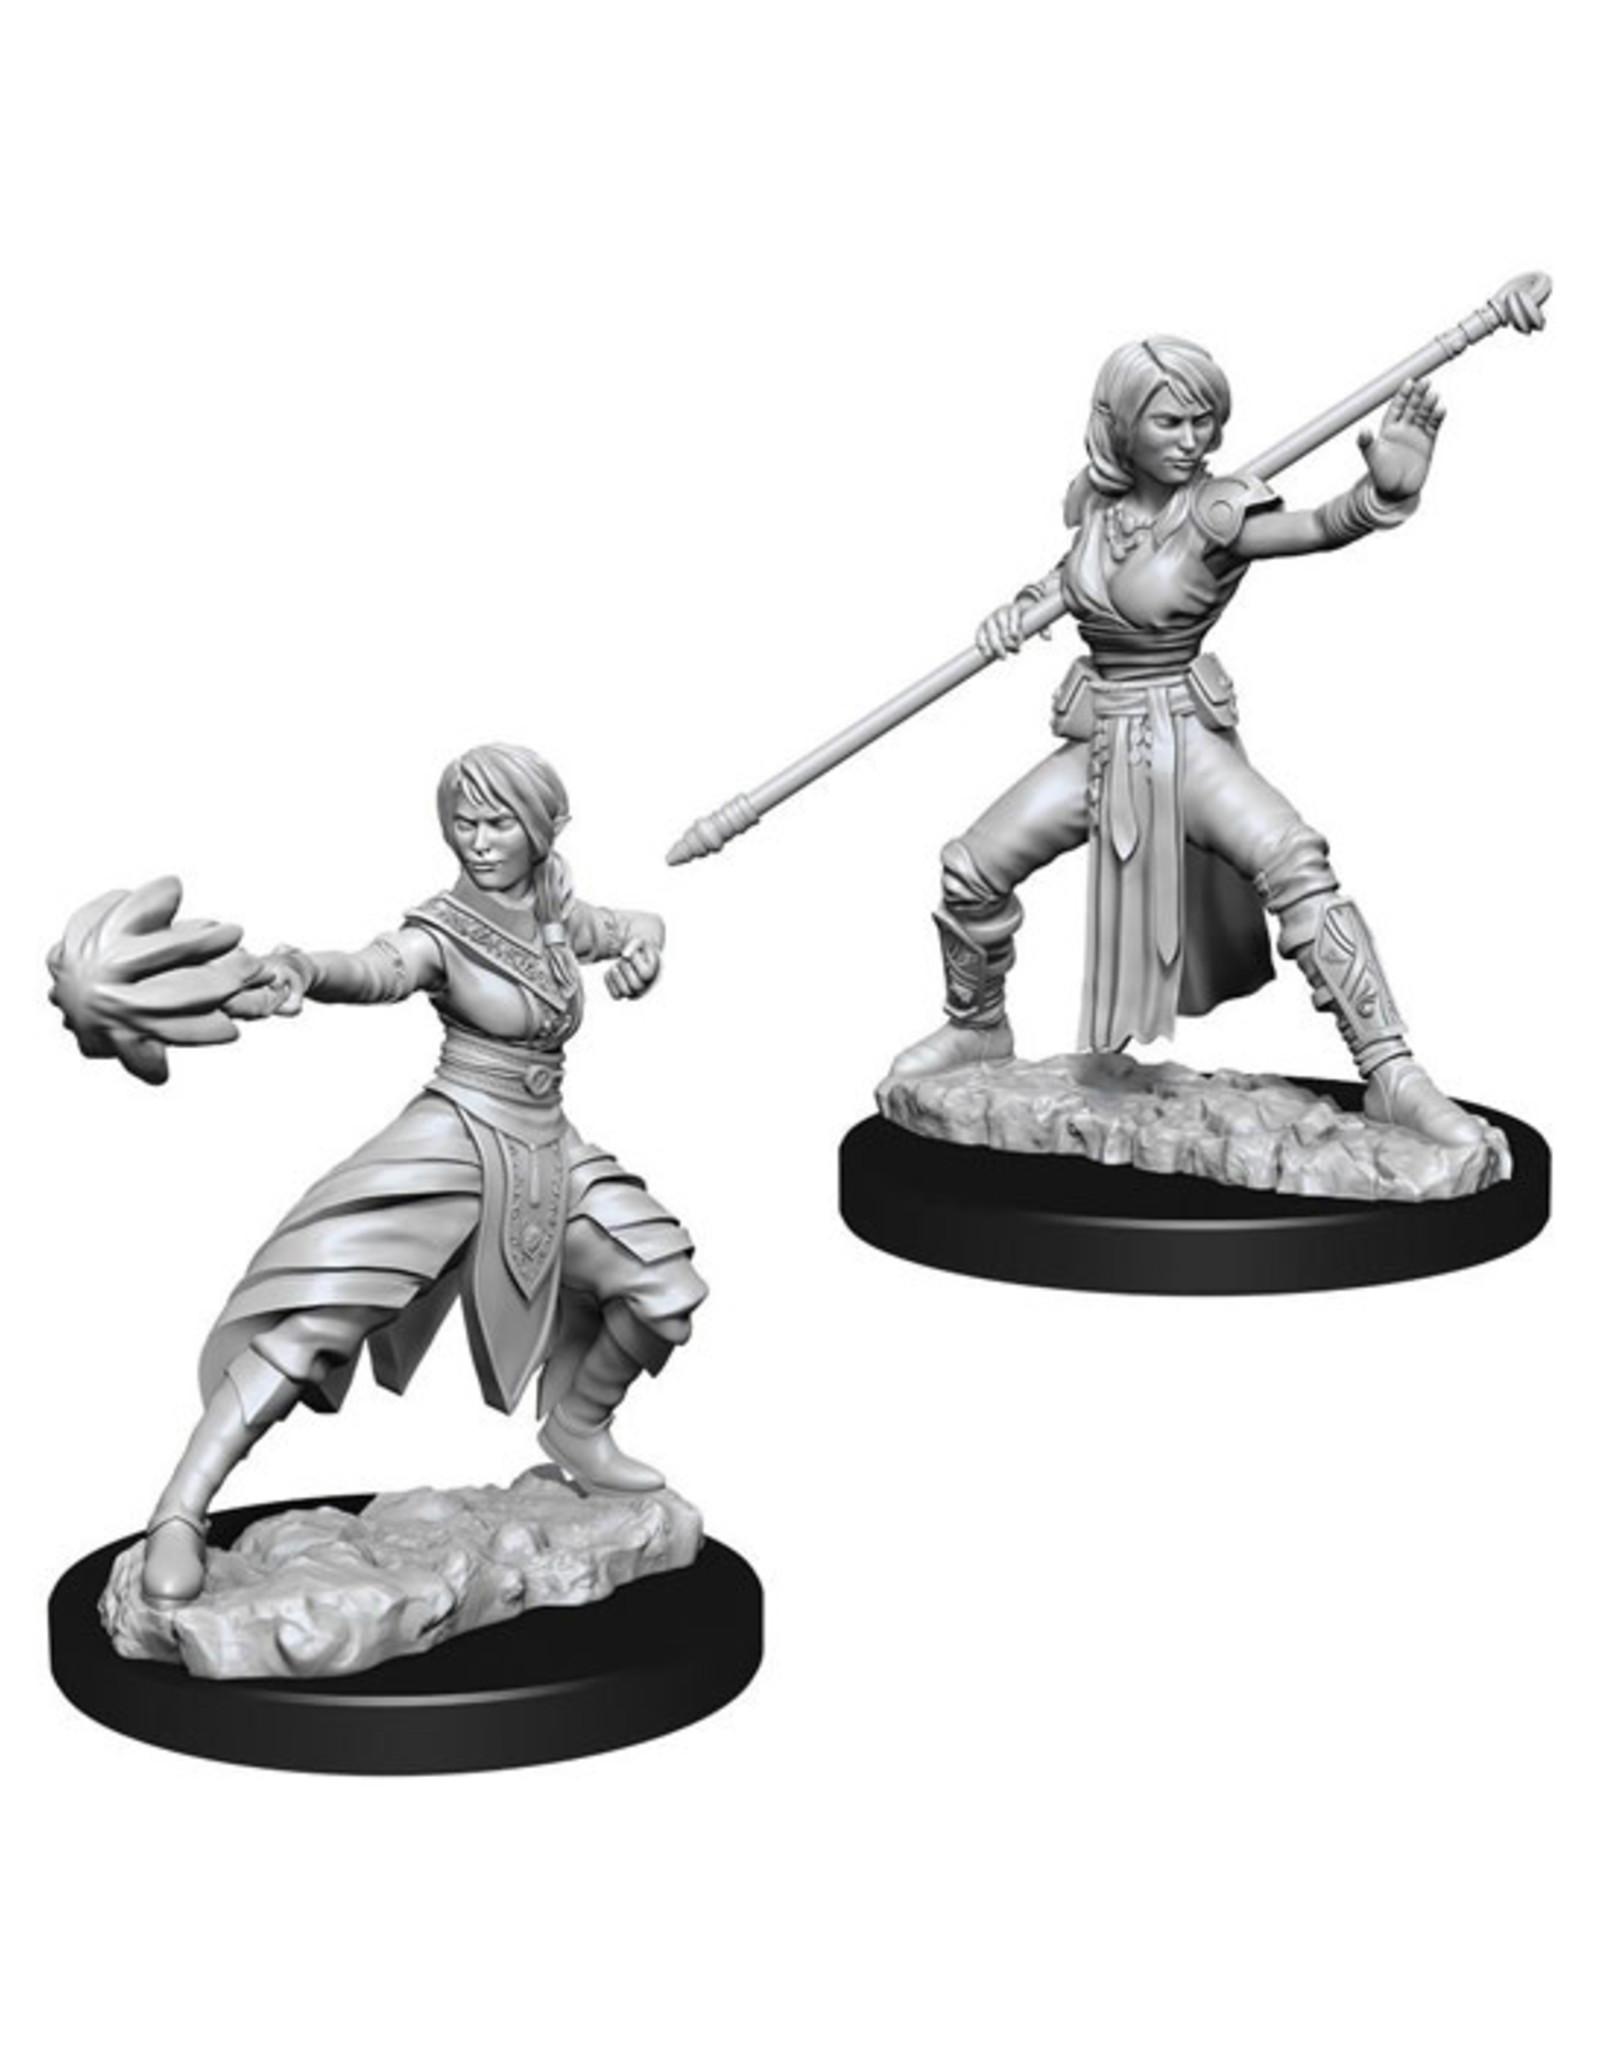 Dungeons & Dragons Dungeons & Dragons: Nolzur's - Half-Elf Female Monk